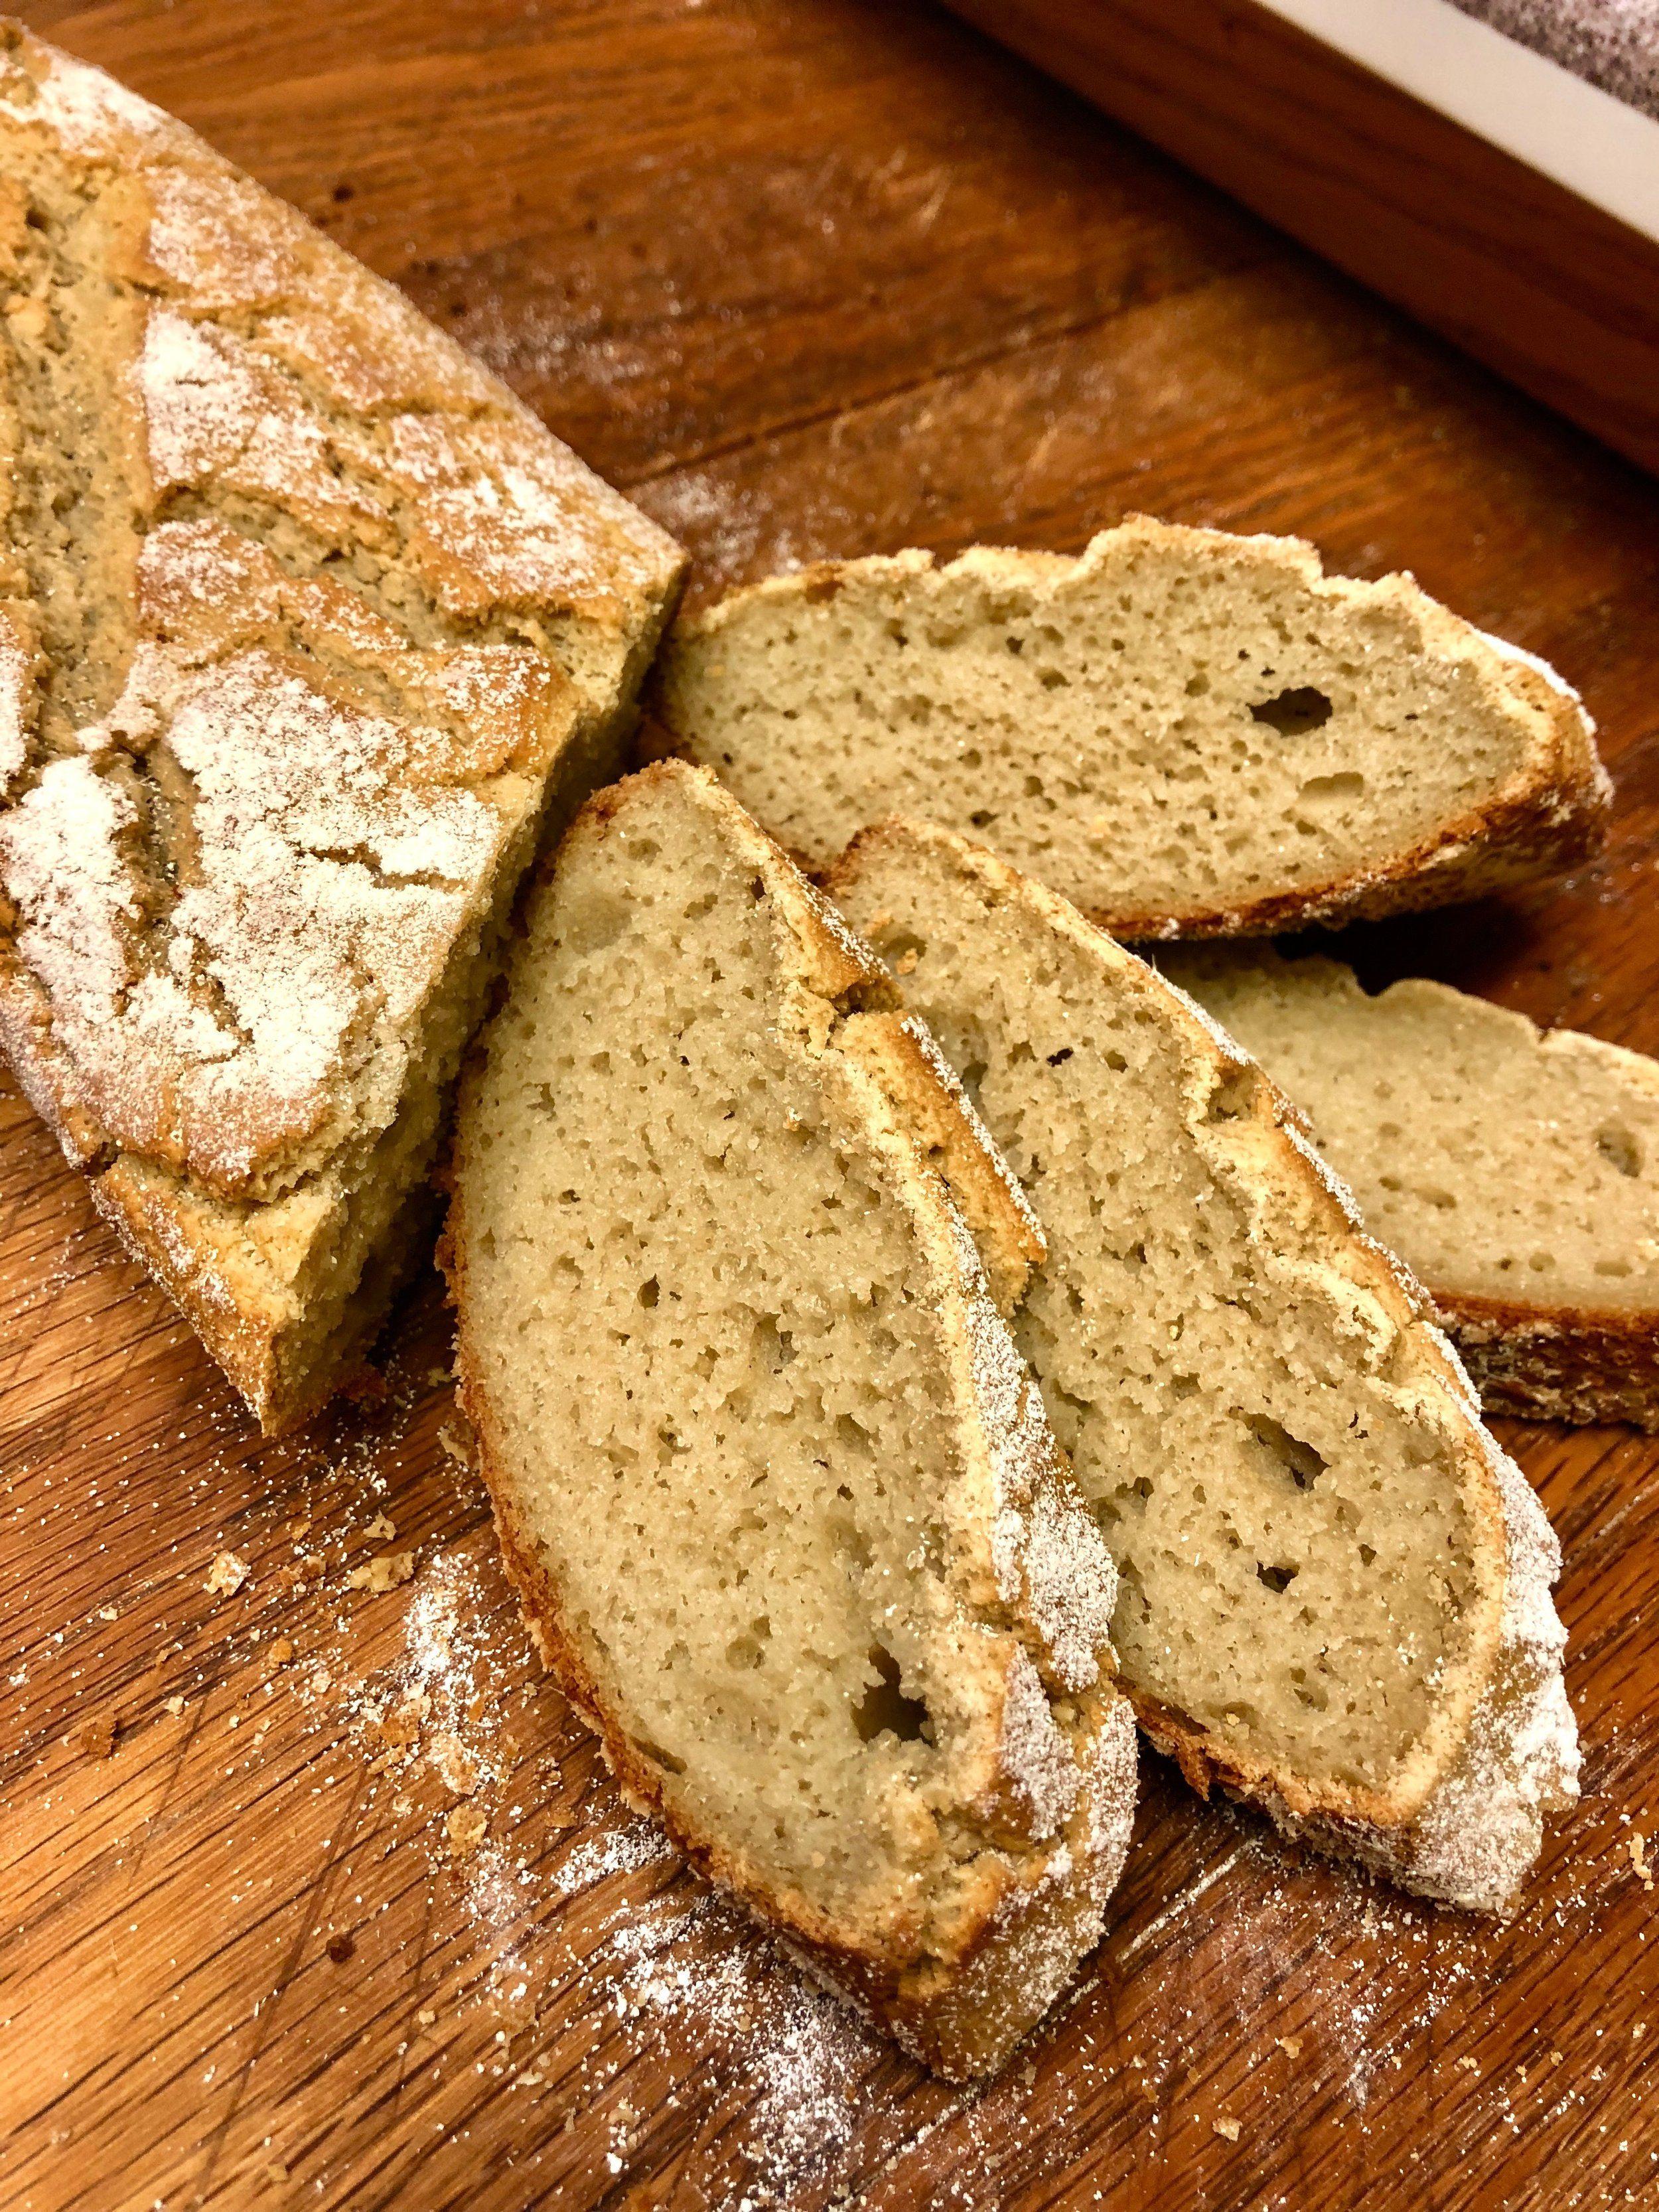 Cassava Flour Yeast Bread Dutch Oven Bread Cassava Flour Bread Recipe Country Bread